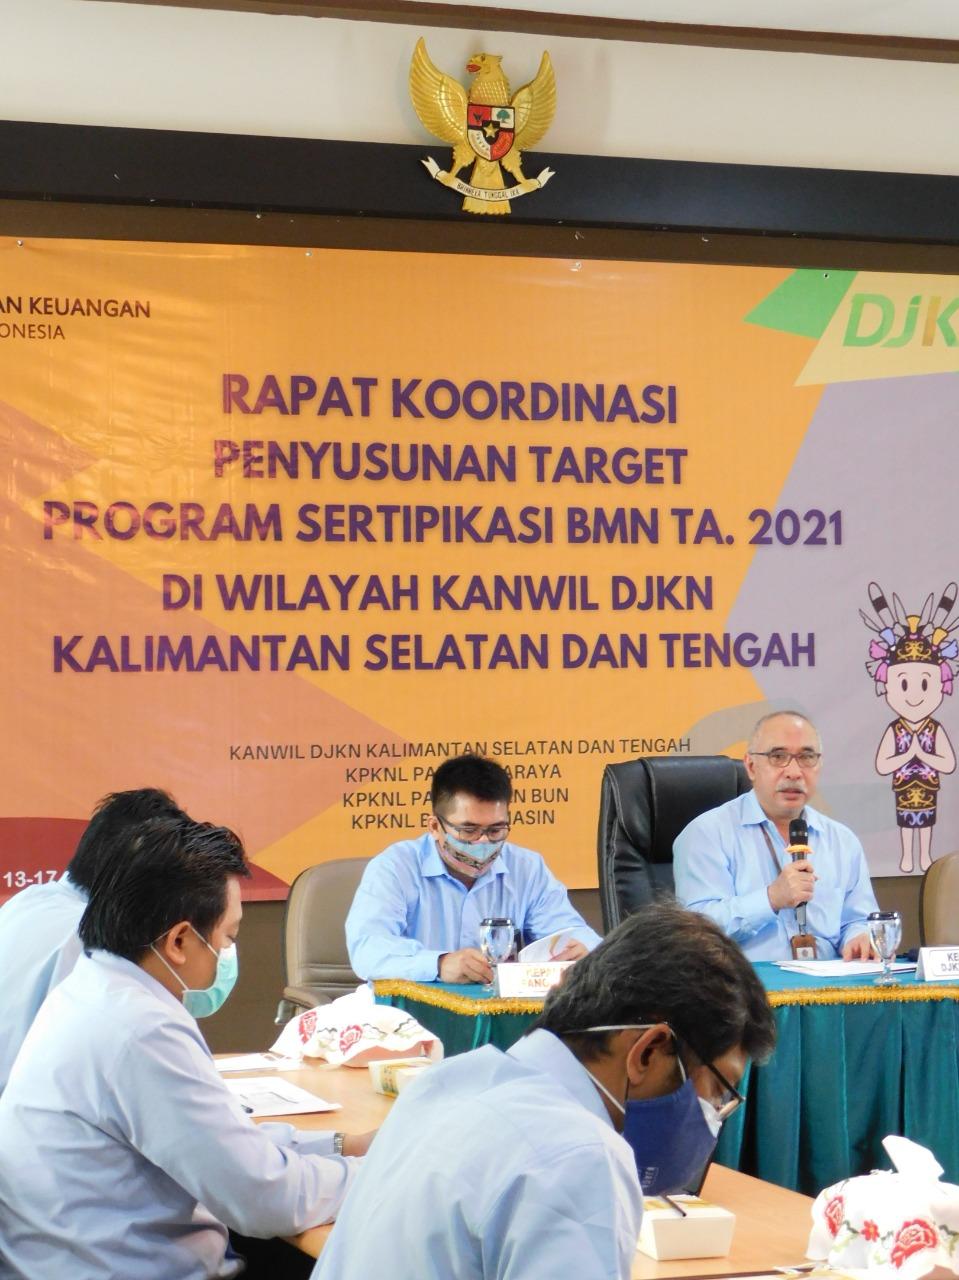 Rapat dan Koordinasi Program Sertipikasi : Satu Visi dan Misi untuk Tuntaskan Sertipikasi BMN